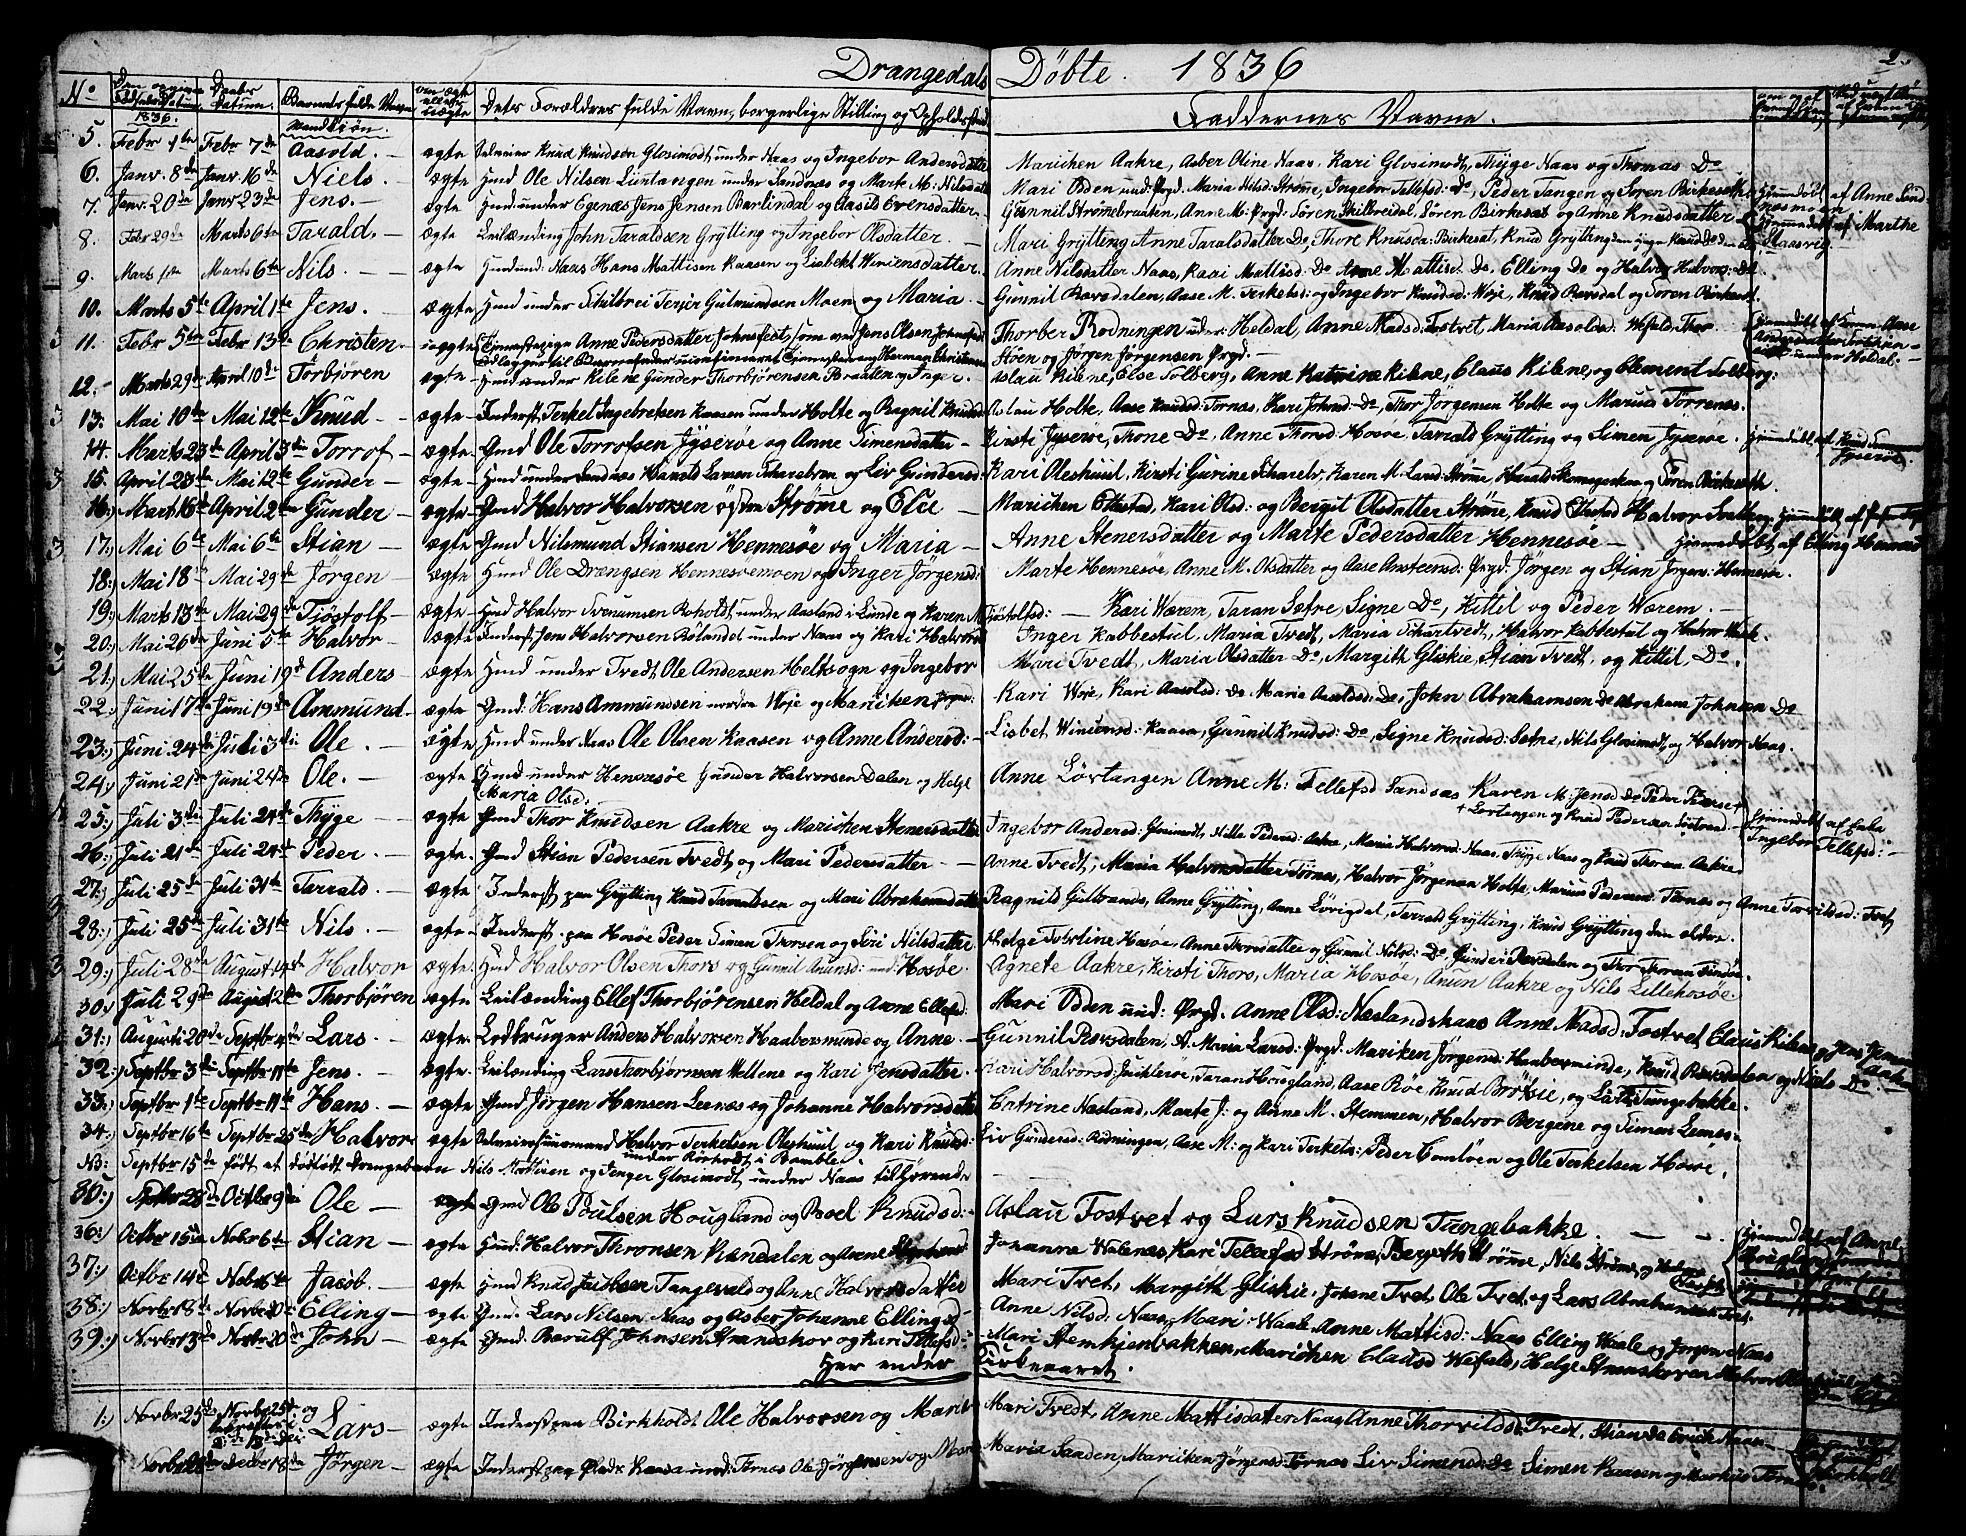 SAKO, Drangedal kirkebøker, G/Ga/L0001: Klokkerbok nr. I 1 /1, 1814-1856, s. 2